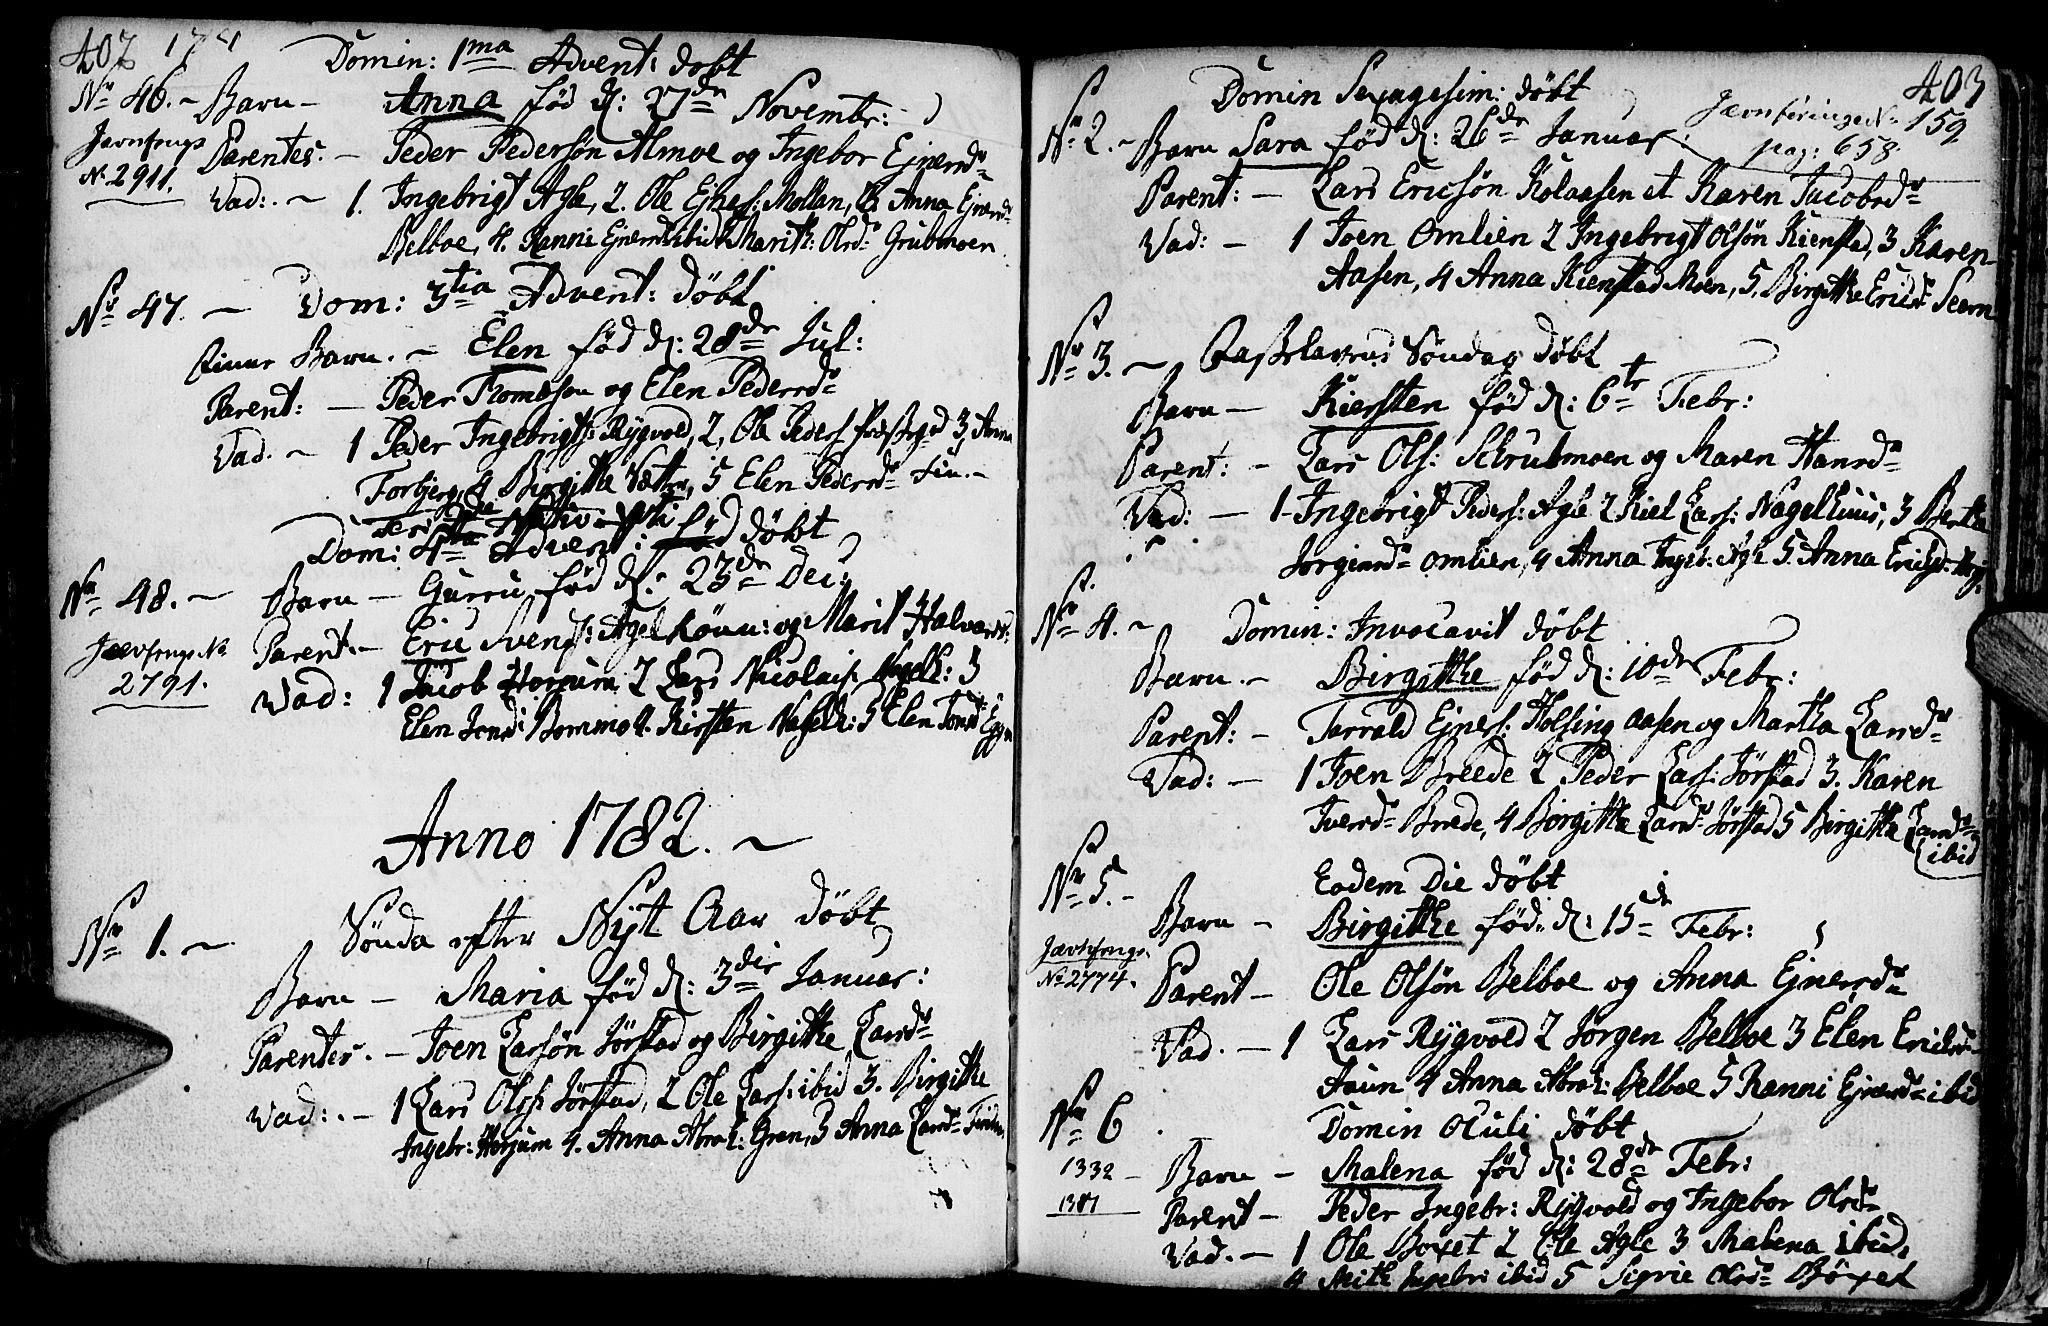 SAT, Ministerialprotokoller, klokkerbøker og fødselsregistre - Nord-Trøndelag, 749/L0467: Ministerialbok nr. 749A01, 1733-1787, s. 402-403